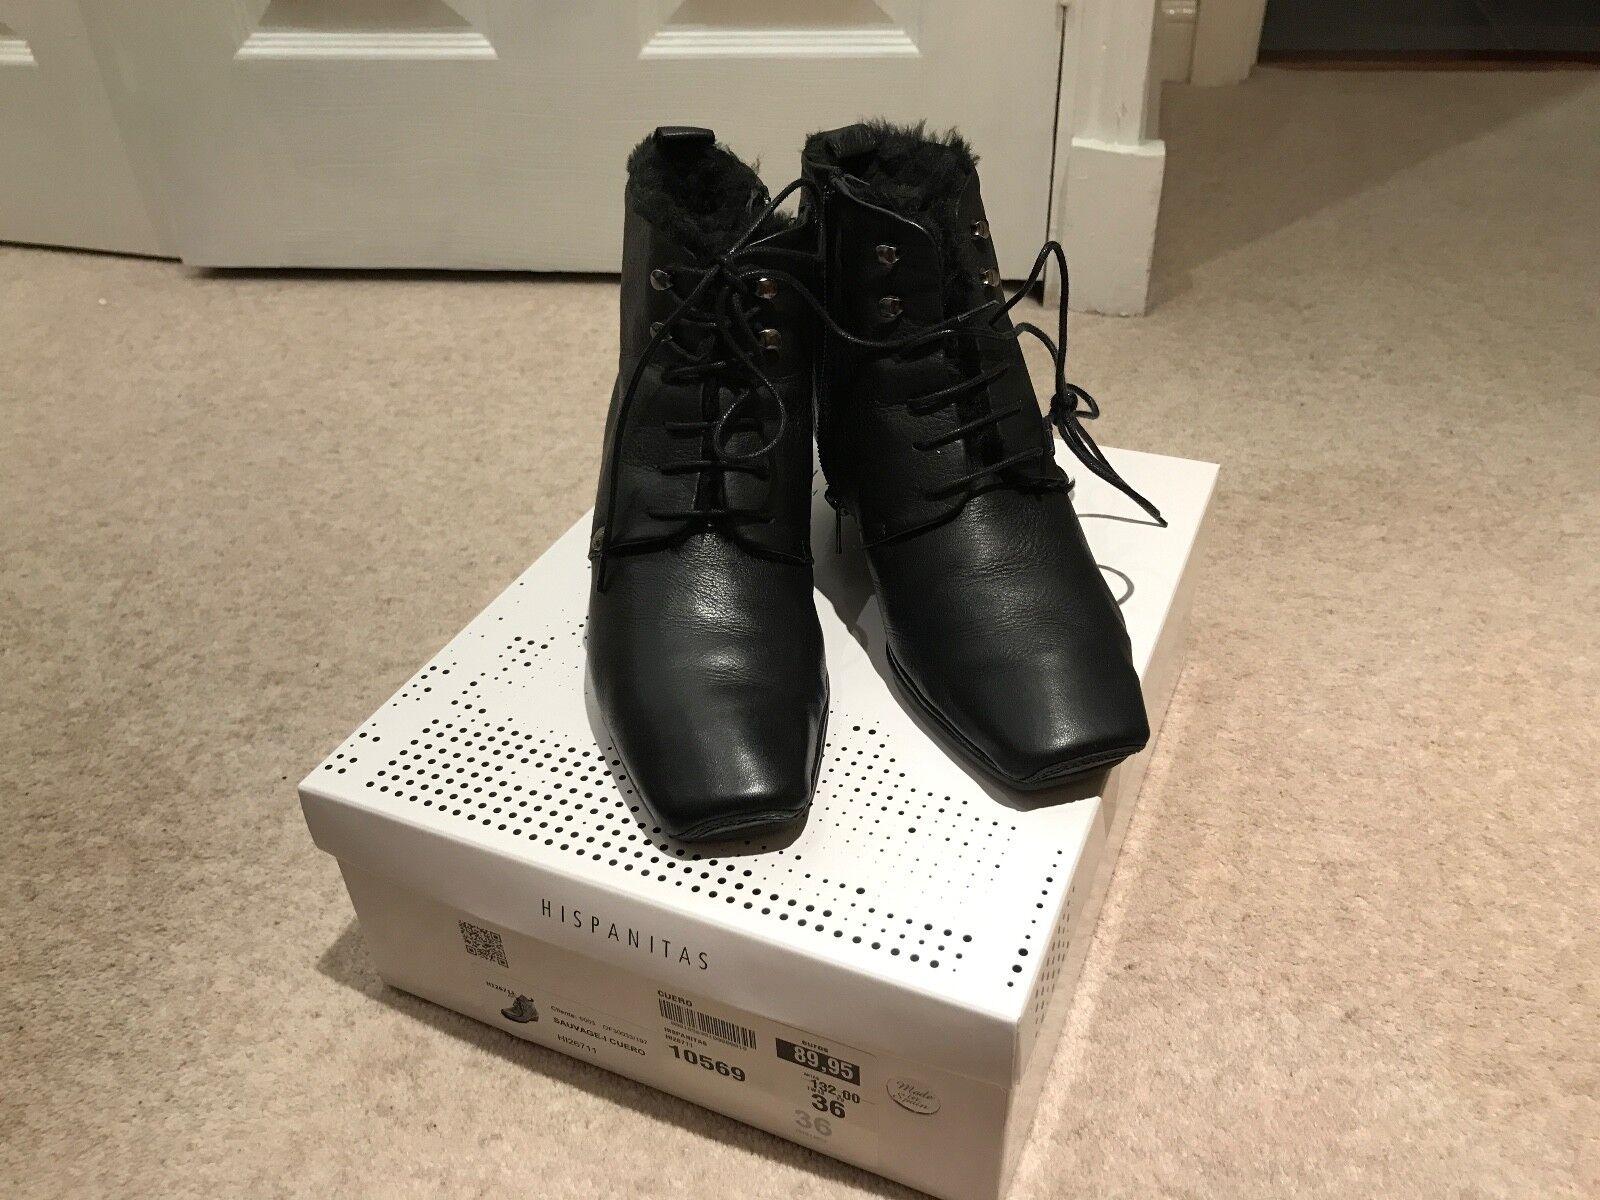 Hispanitas fur lined schwarz ankle boots Größe 3